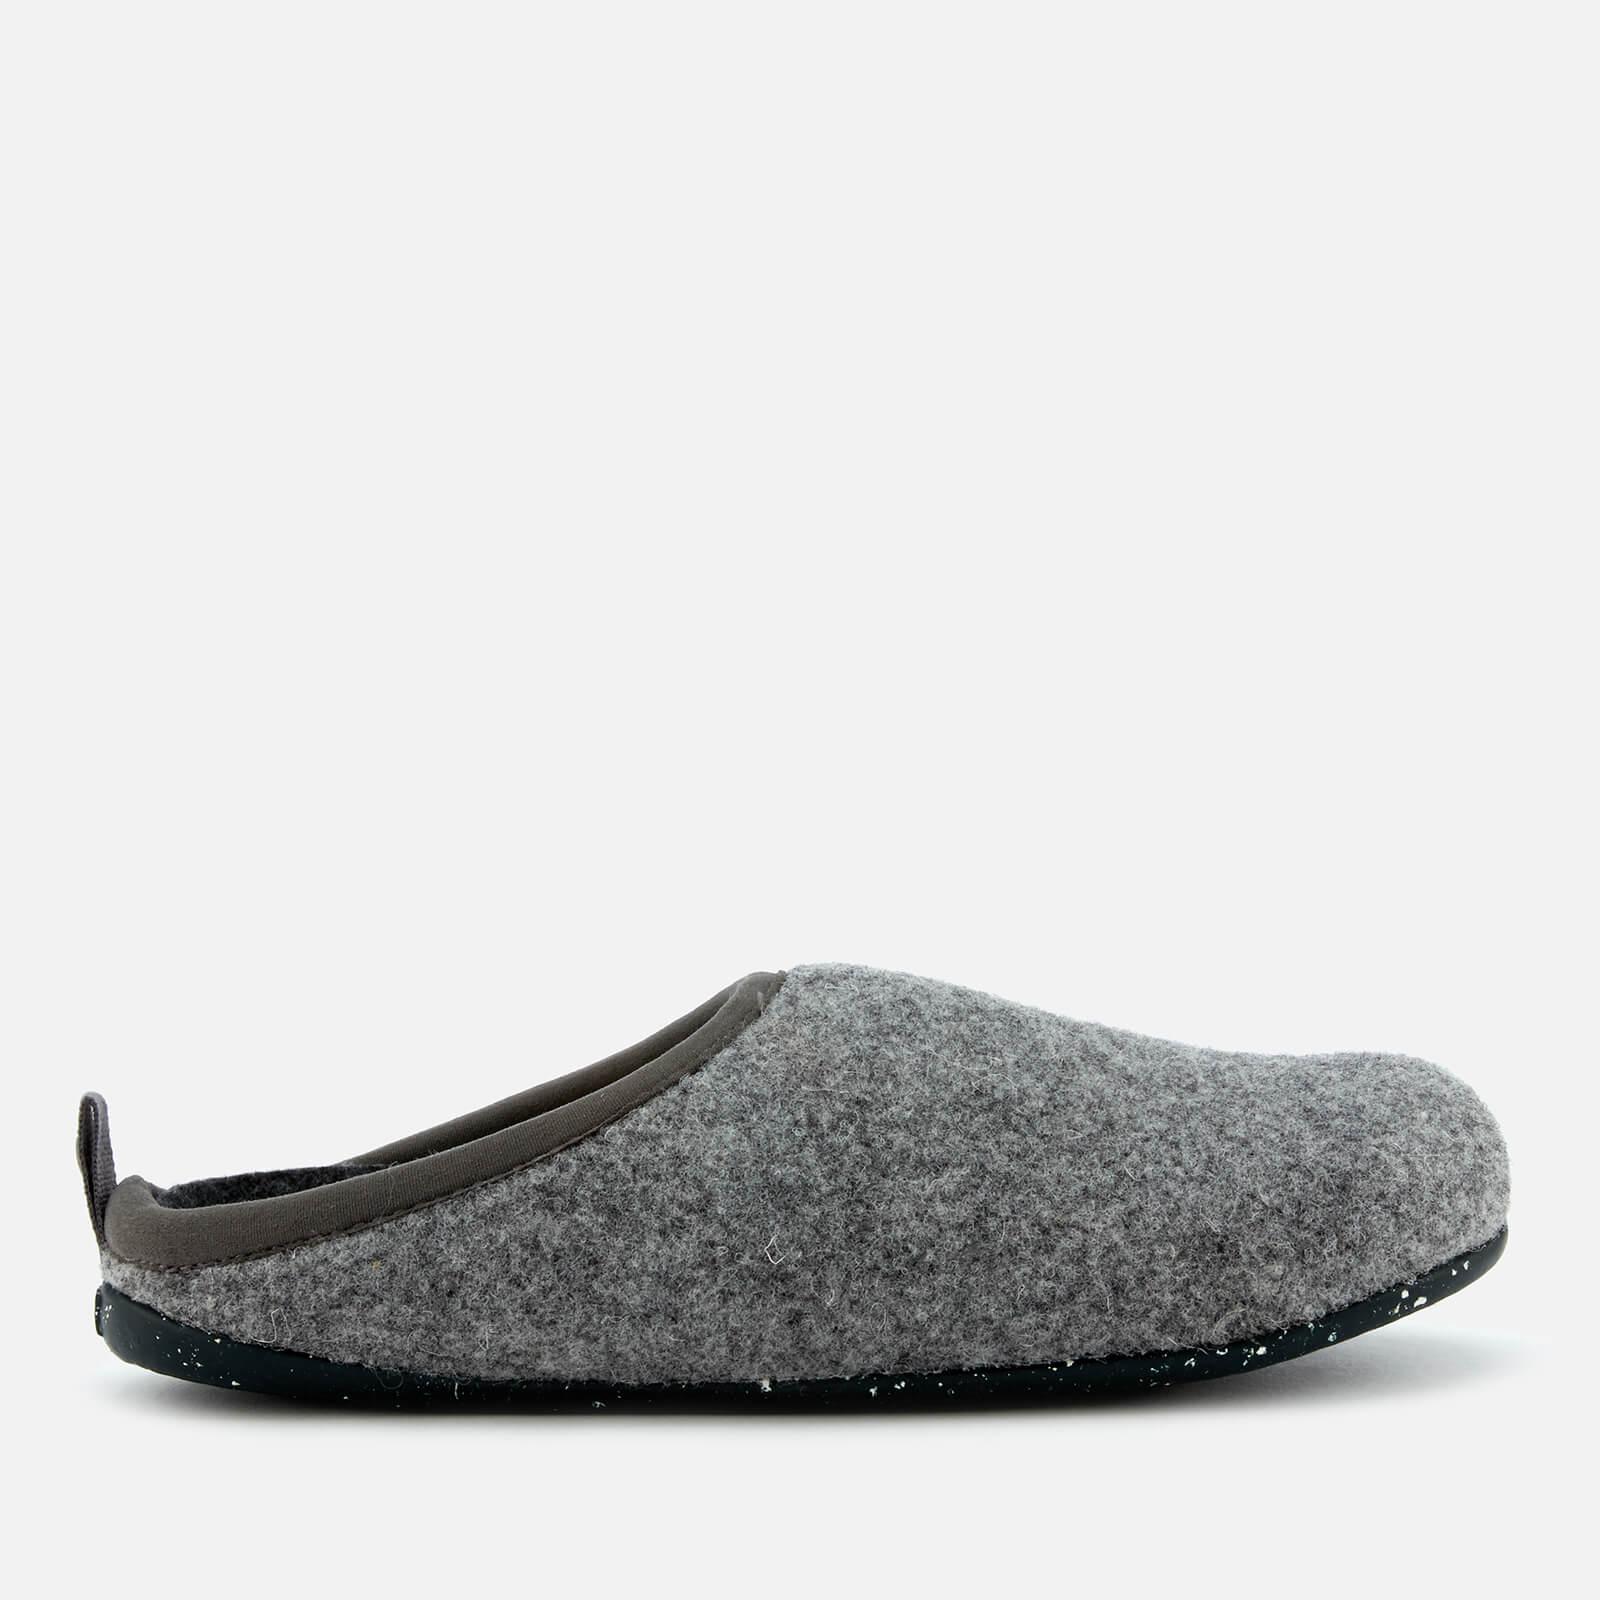 Camper Women's Wabi Mule Slippers - Light Pastel Grey - UK 4 - Grey